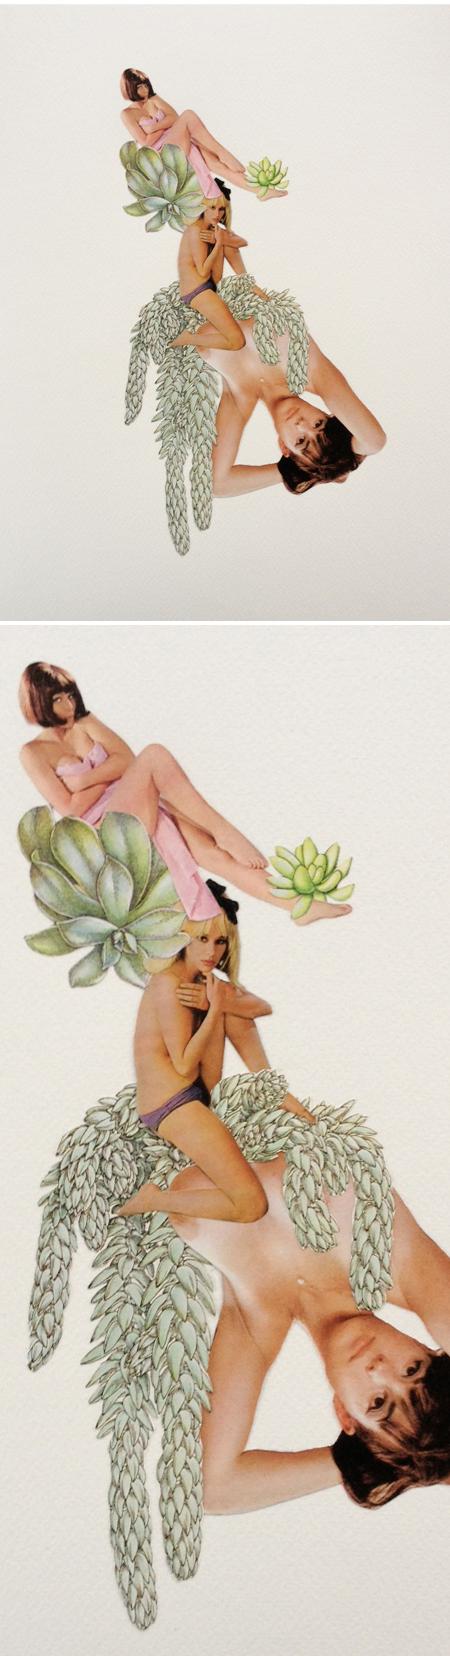 dirtygarden_succulent